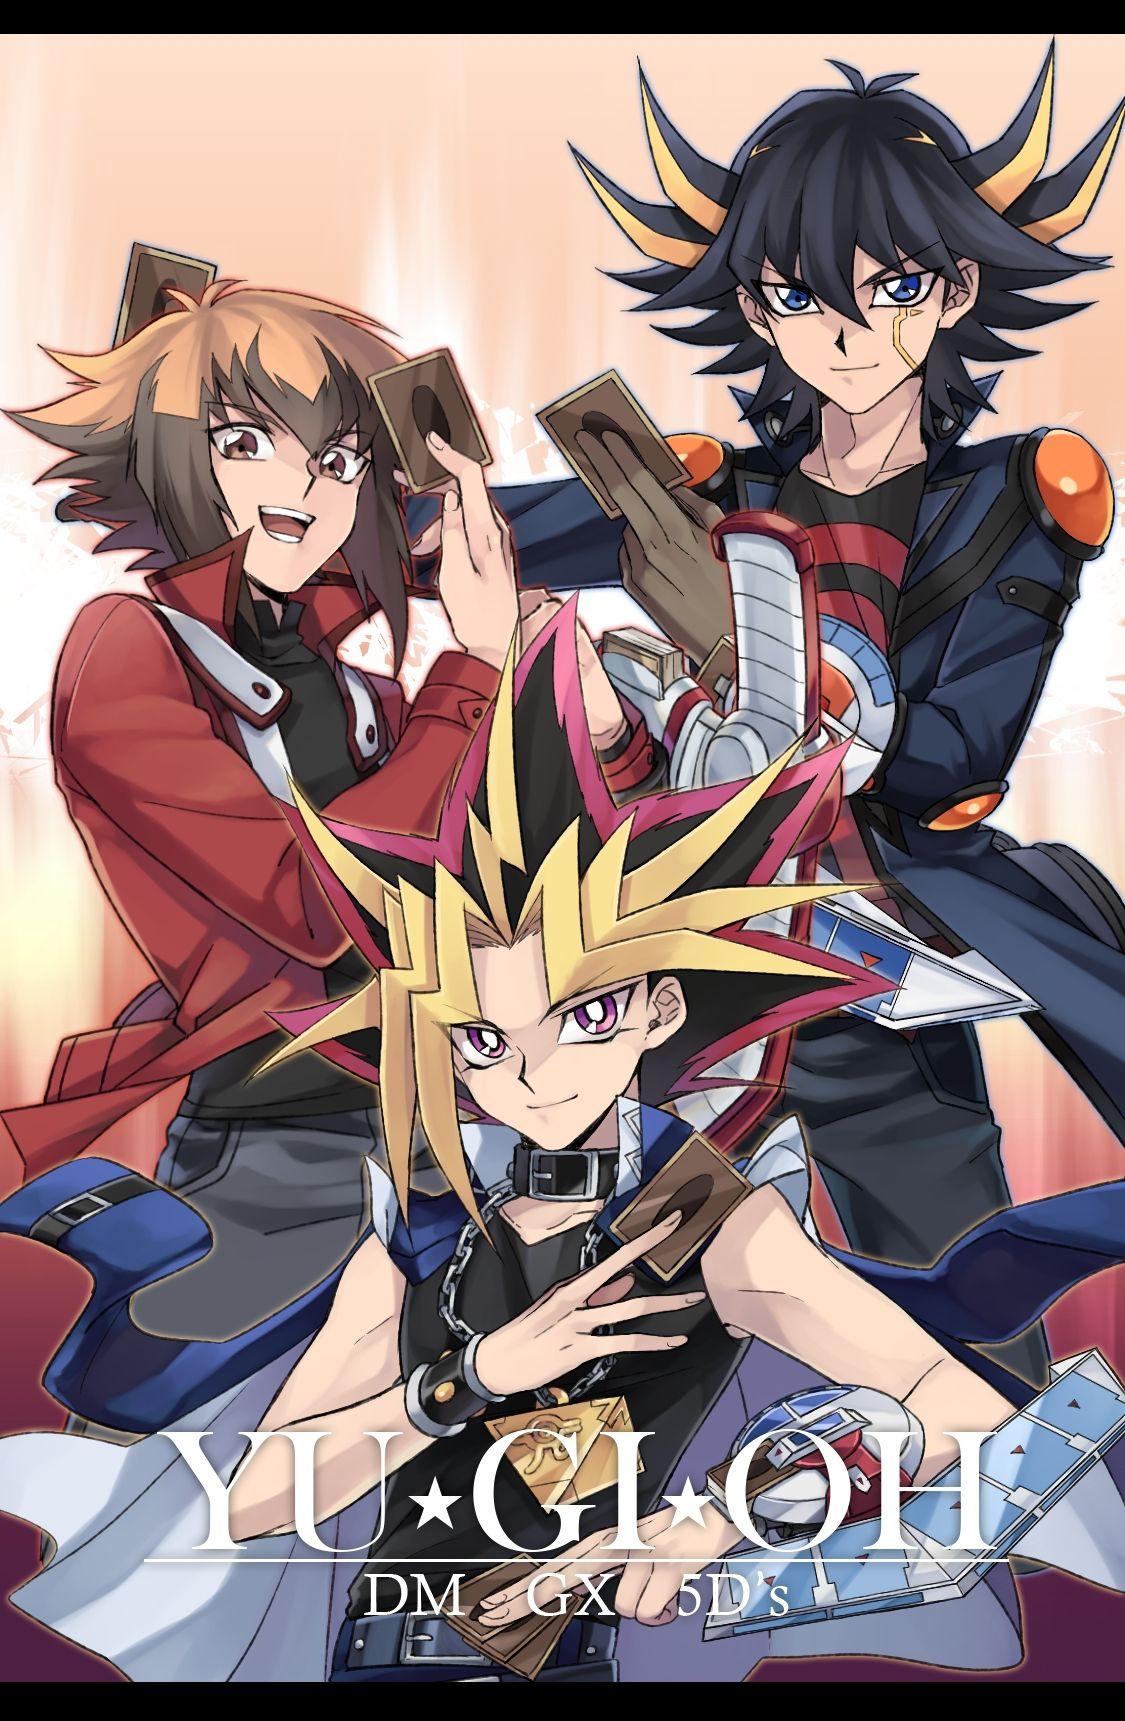 YuGiOh! Atem, Yusei, Jaden Yugioh, Anime